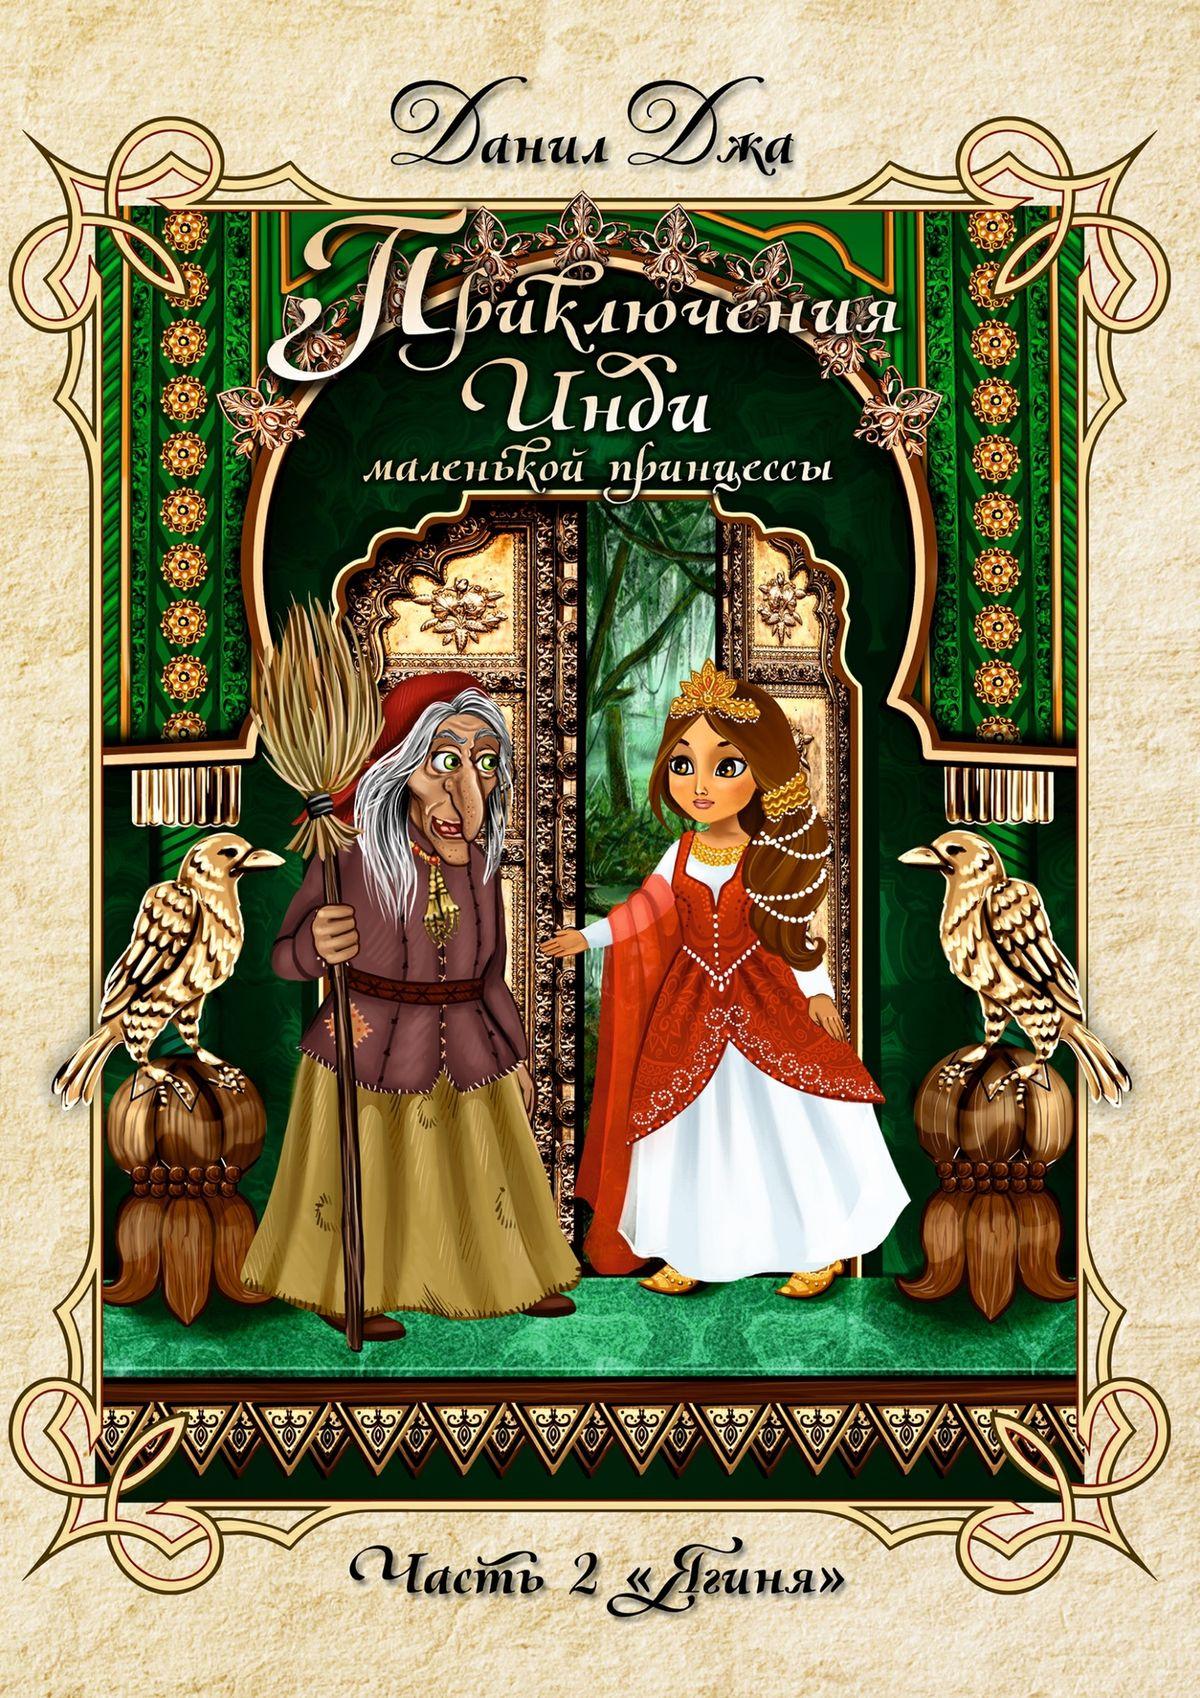 Данил Джа Приключения Инди, маленькой принцессы. Часть вторая «Ягиня» данил джа приключения инди маленькой принцессы часть 1 ёлый